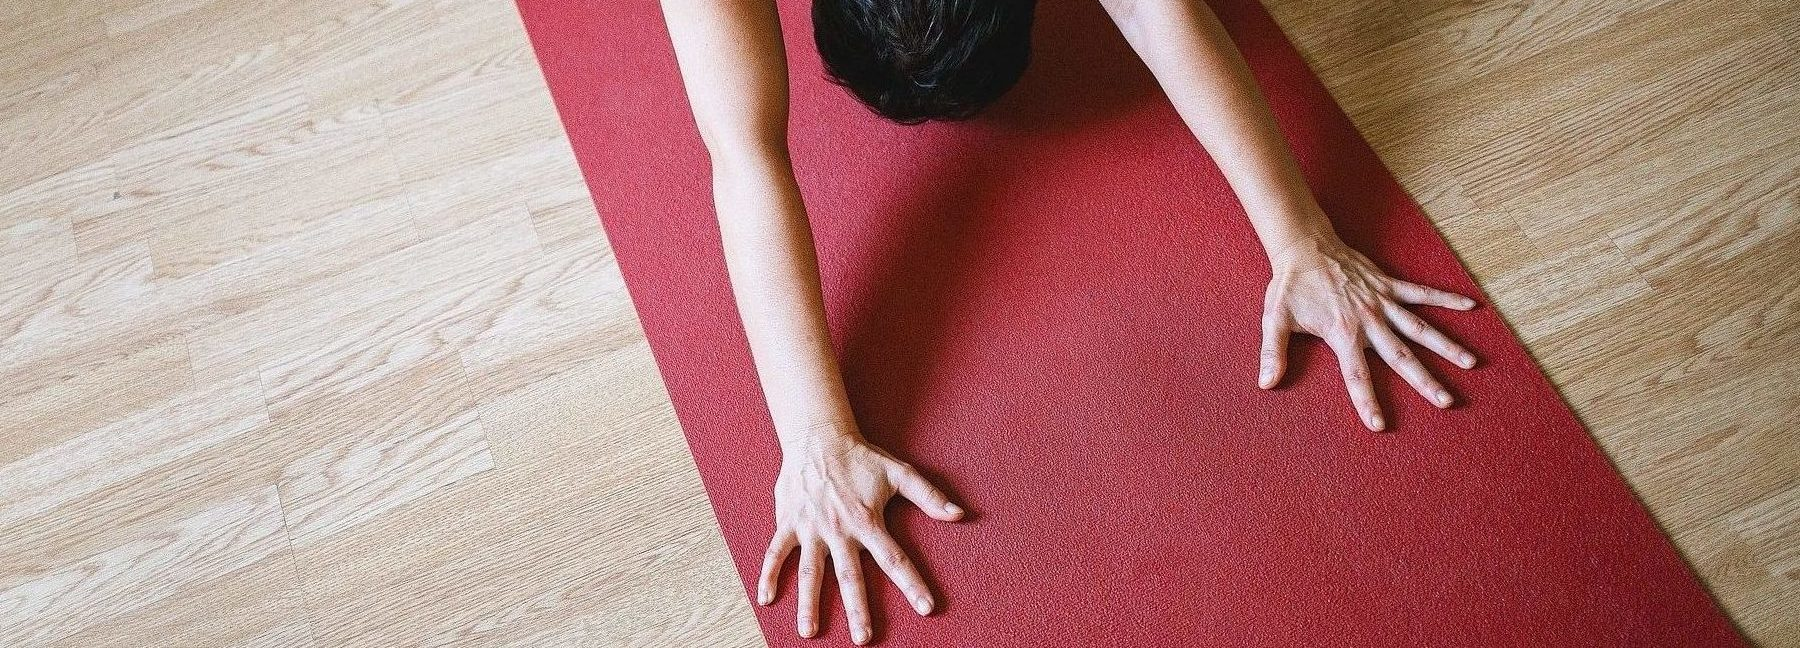 homme cours de yoga